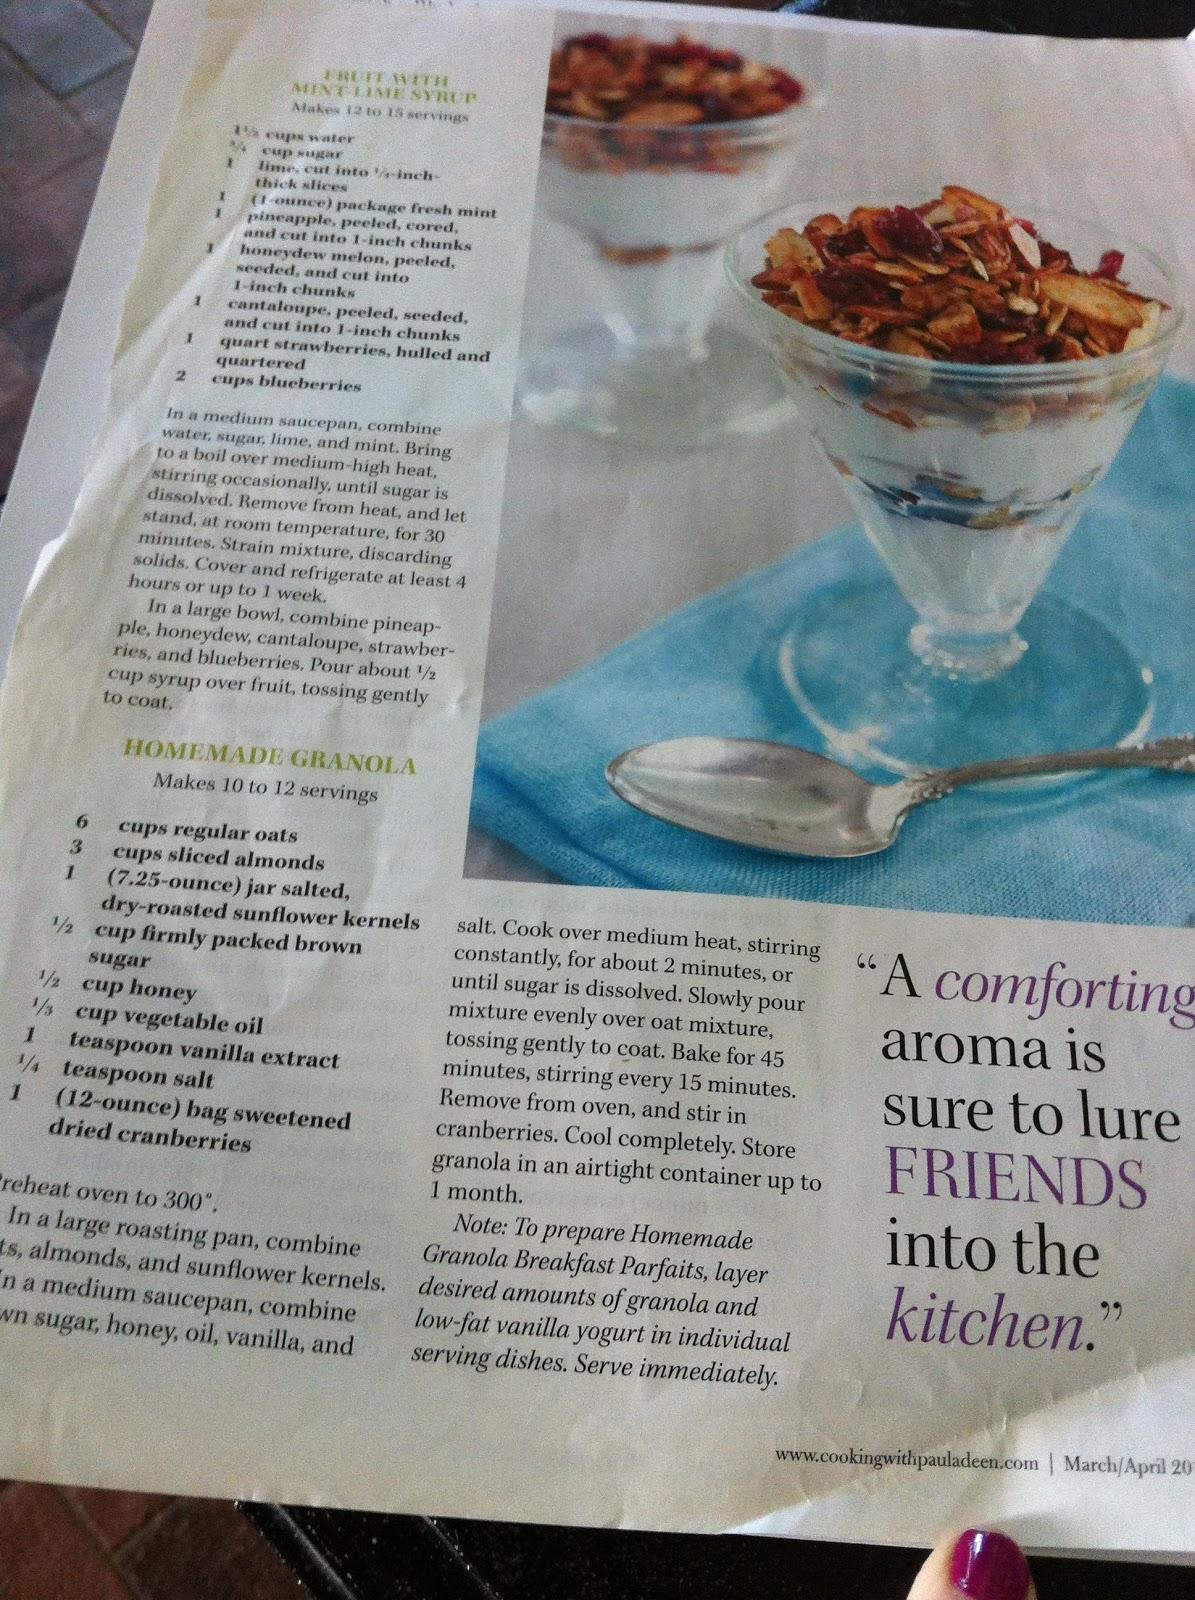 40 Shades of Pink: Paula Deens\' homemade granola